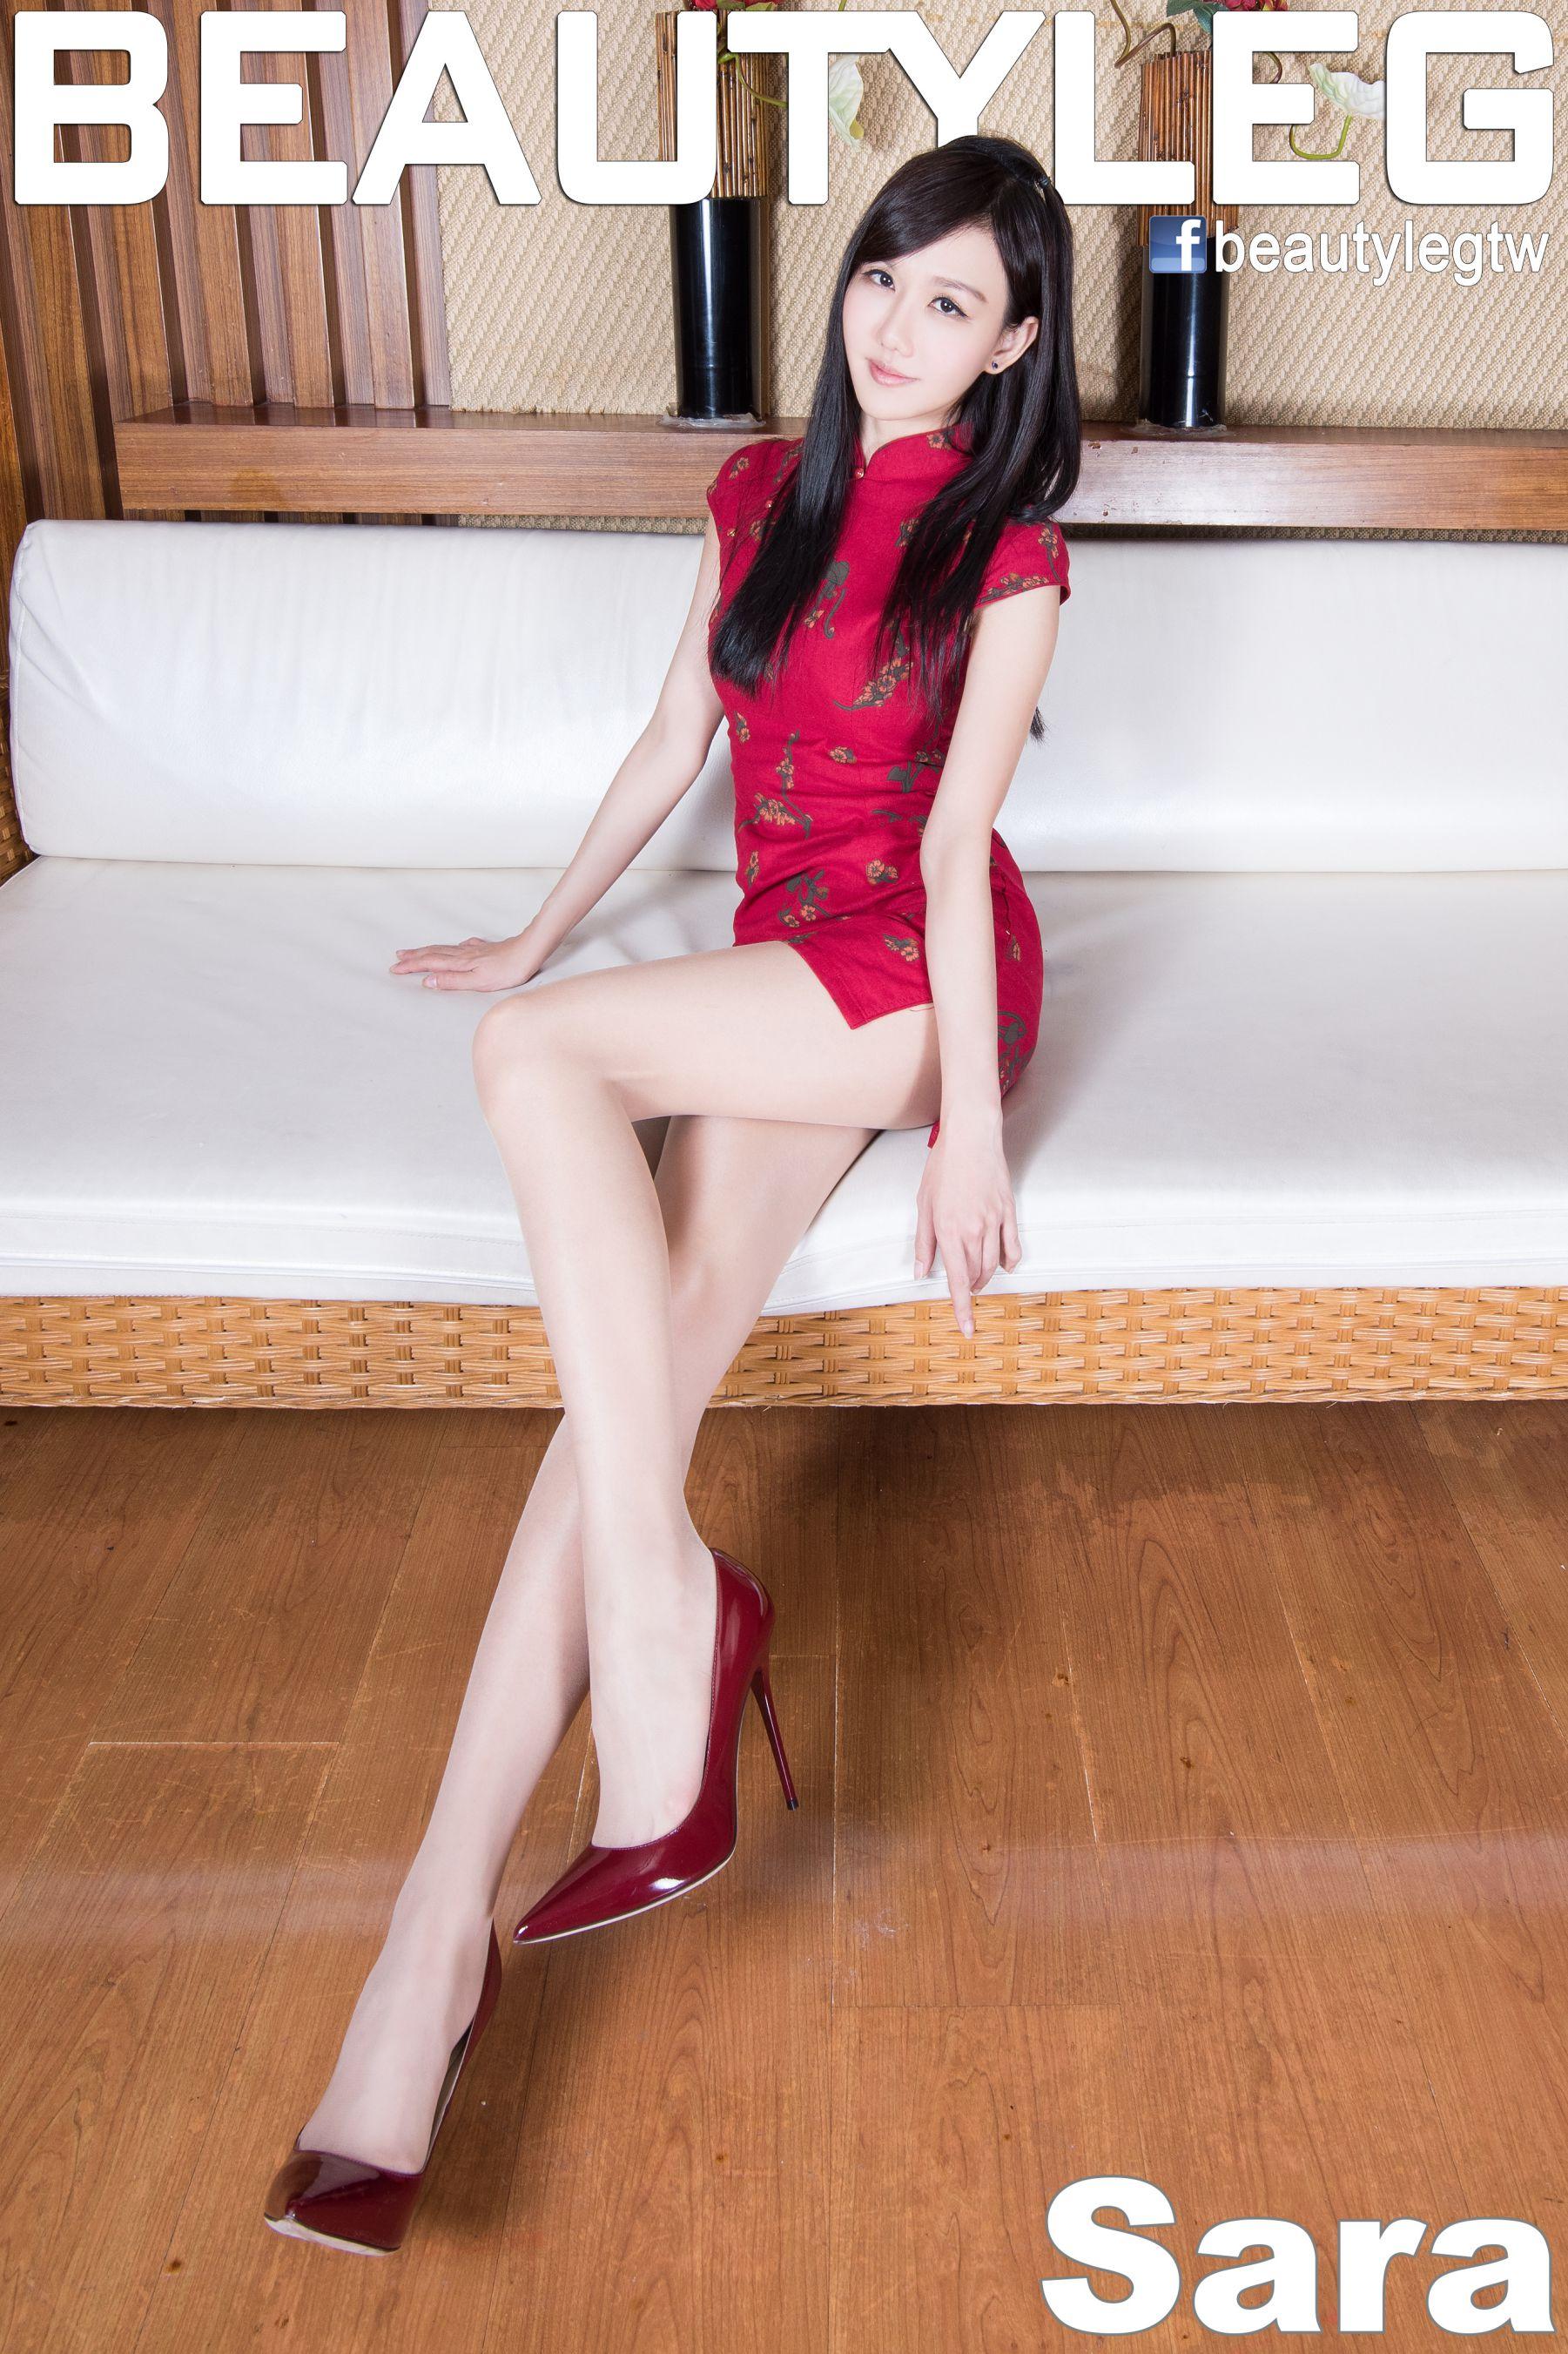 VOL.1172 [Beautyleg]美腿旗袍:林瑞瑜(Beautyleg Sara,腿模Sara)高品质写真套图(58P)